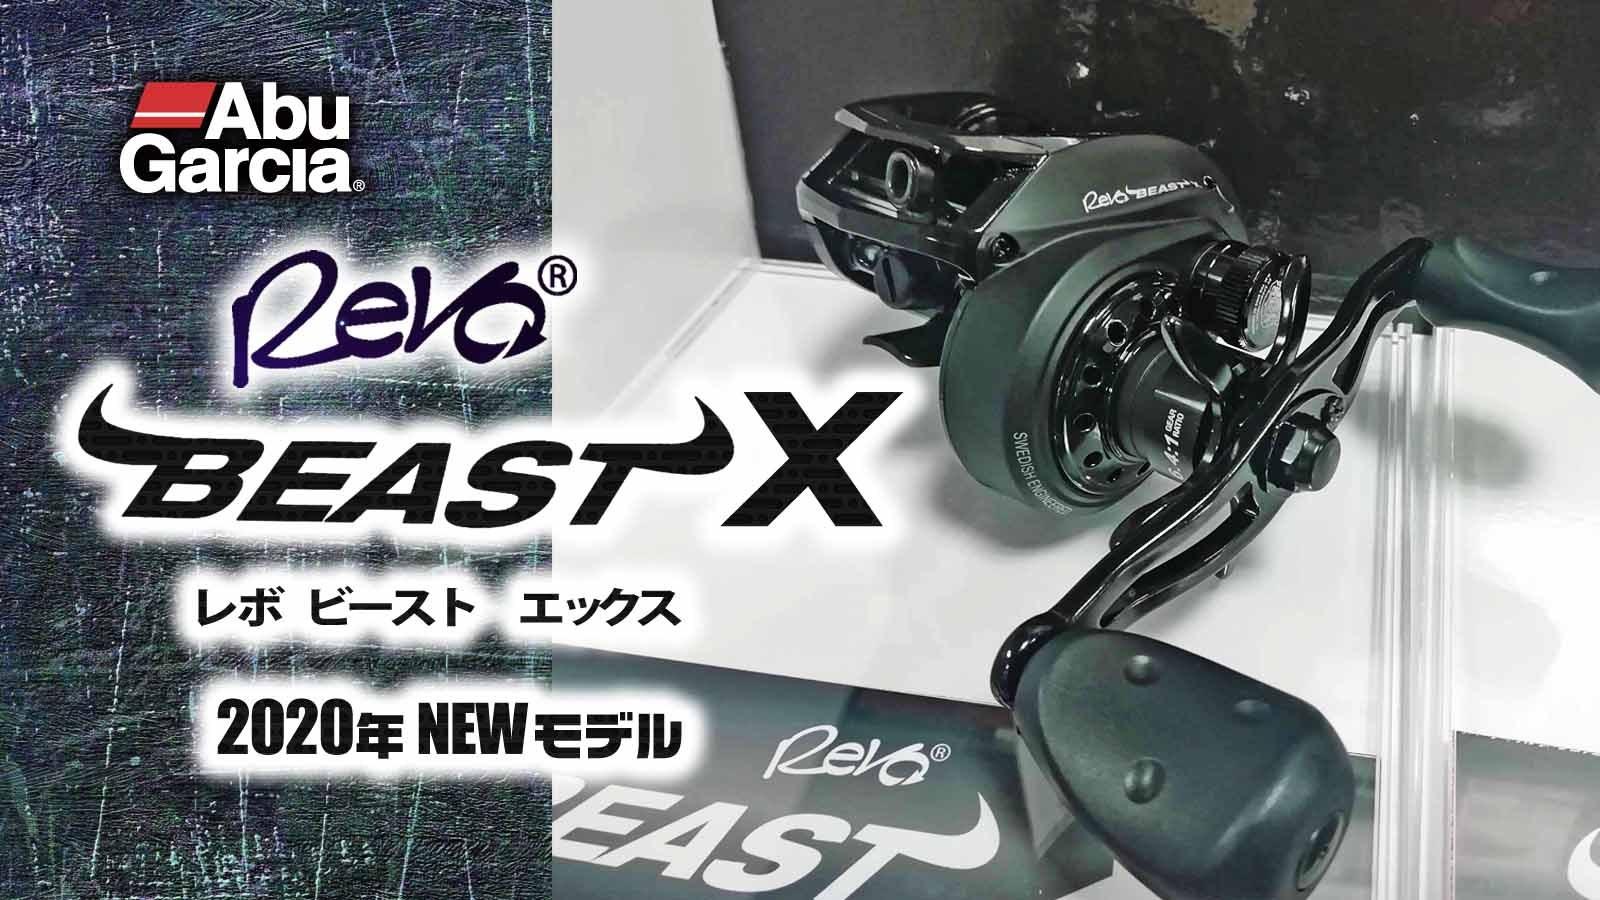 【レボ・ビーストX】アブガルシアのレボXシリーズにBEASTモデルが2020年登場